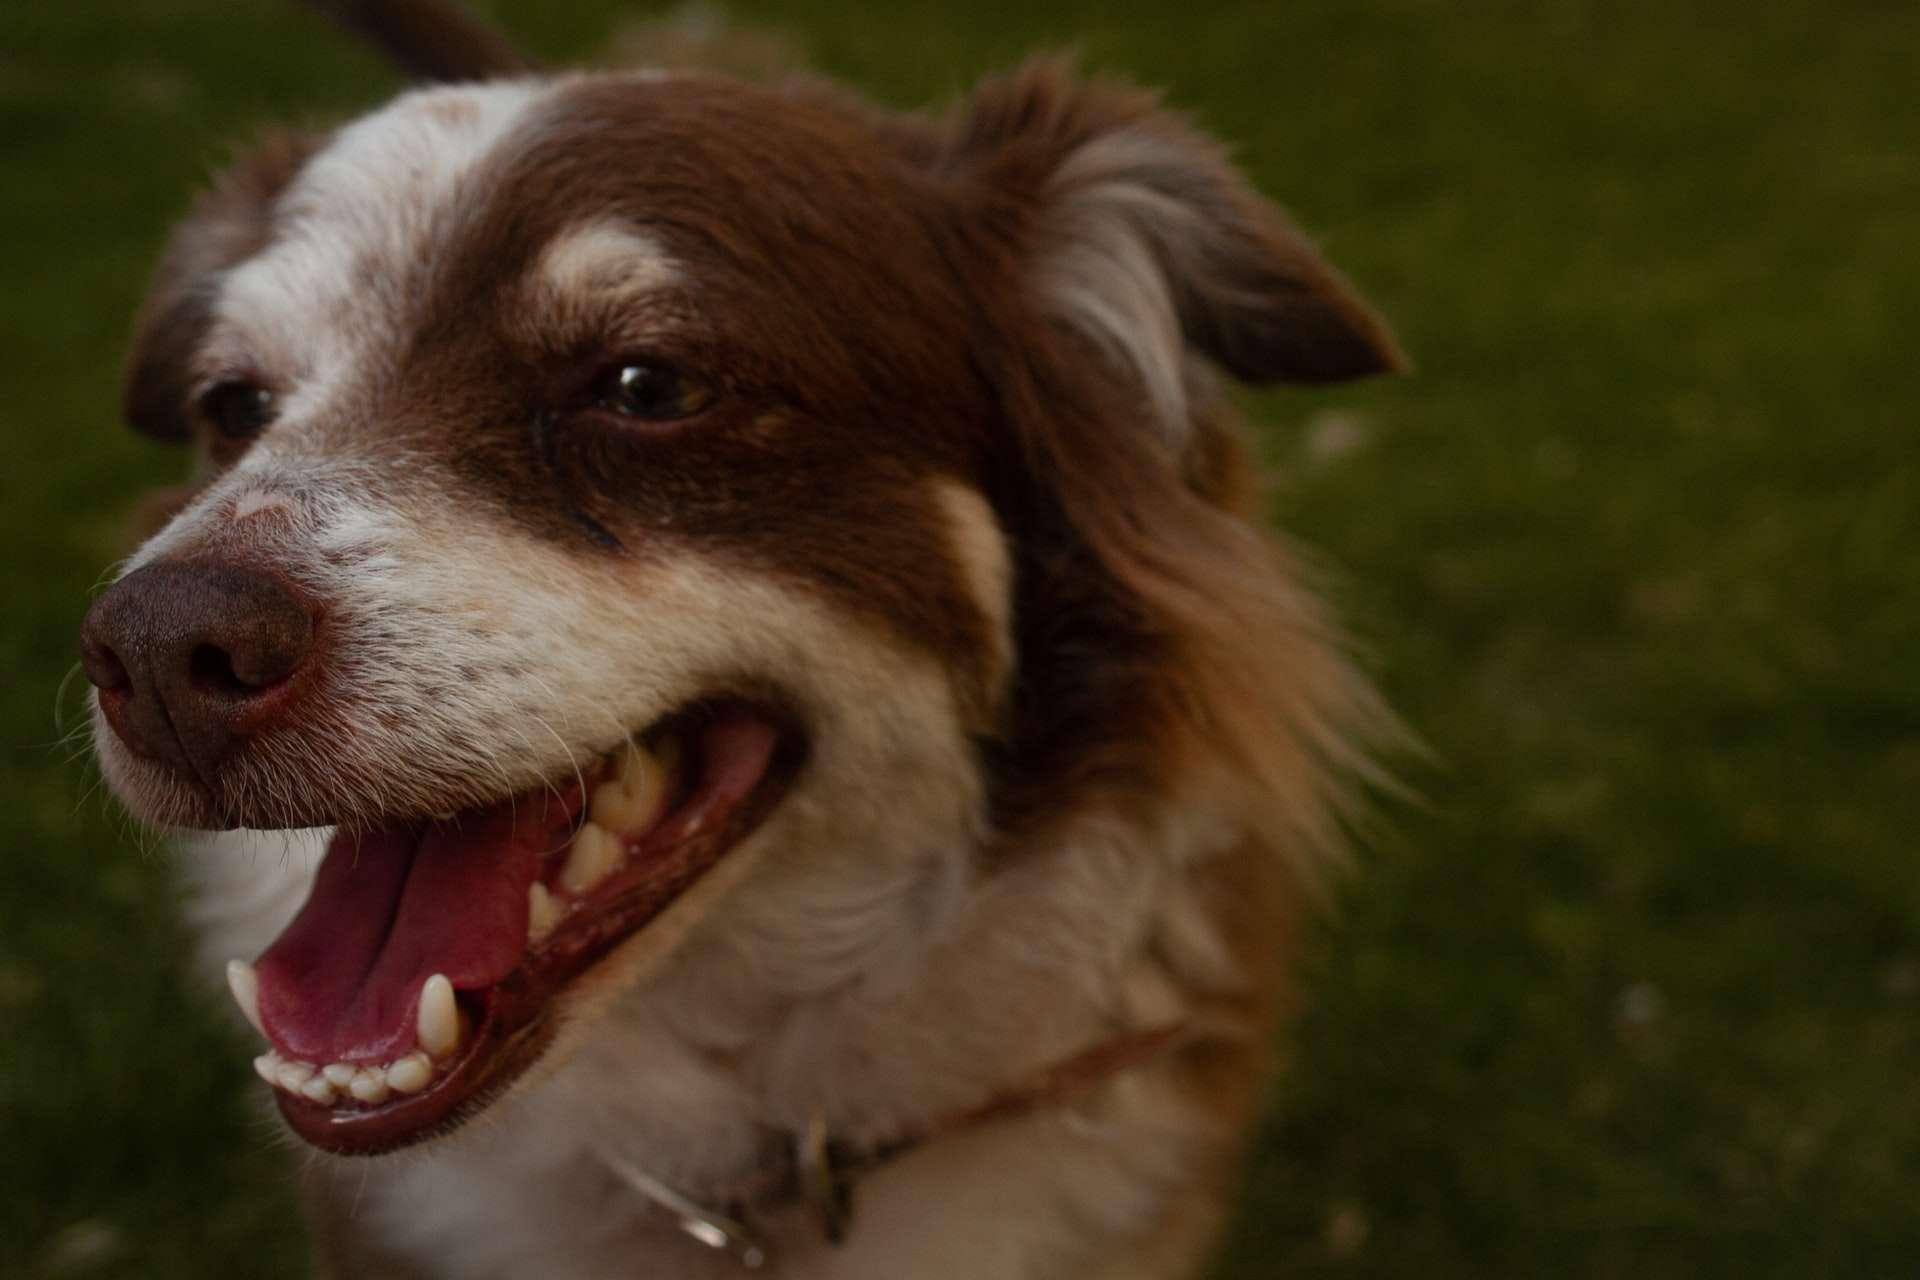 Köpeklerde Ağız ve Diş Bakımı Nasıl Yapılır?